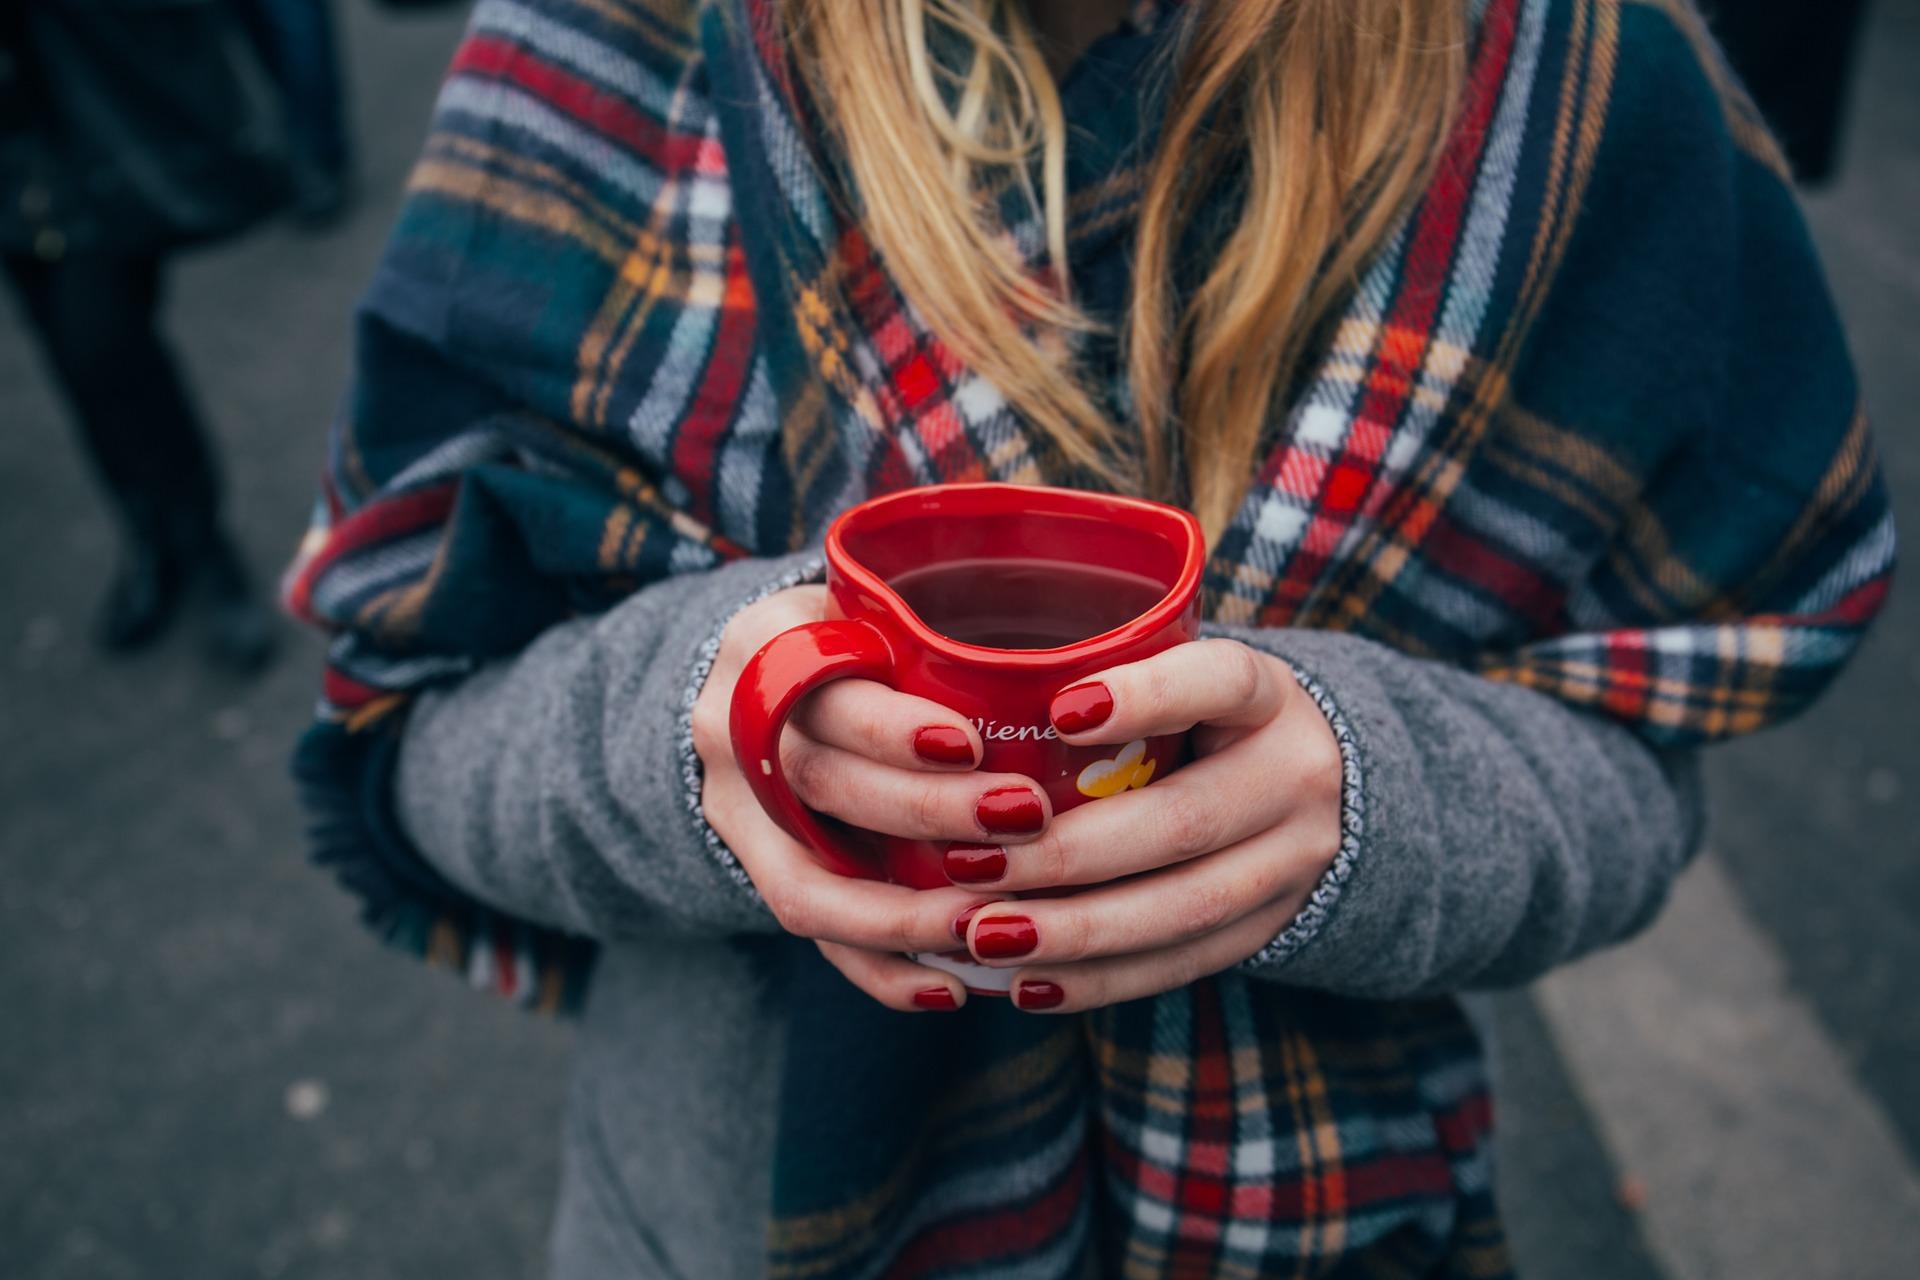 Coupe, café, femme, écharpe, mains, ongles, boissons, Rouge - Fonds d'écran HD - Professor-falken.com